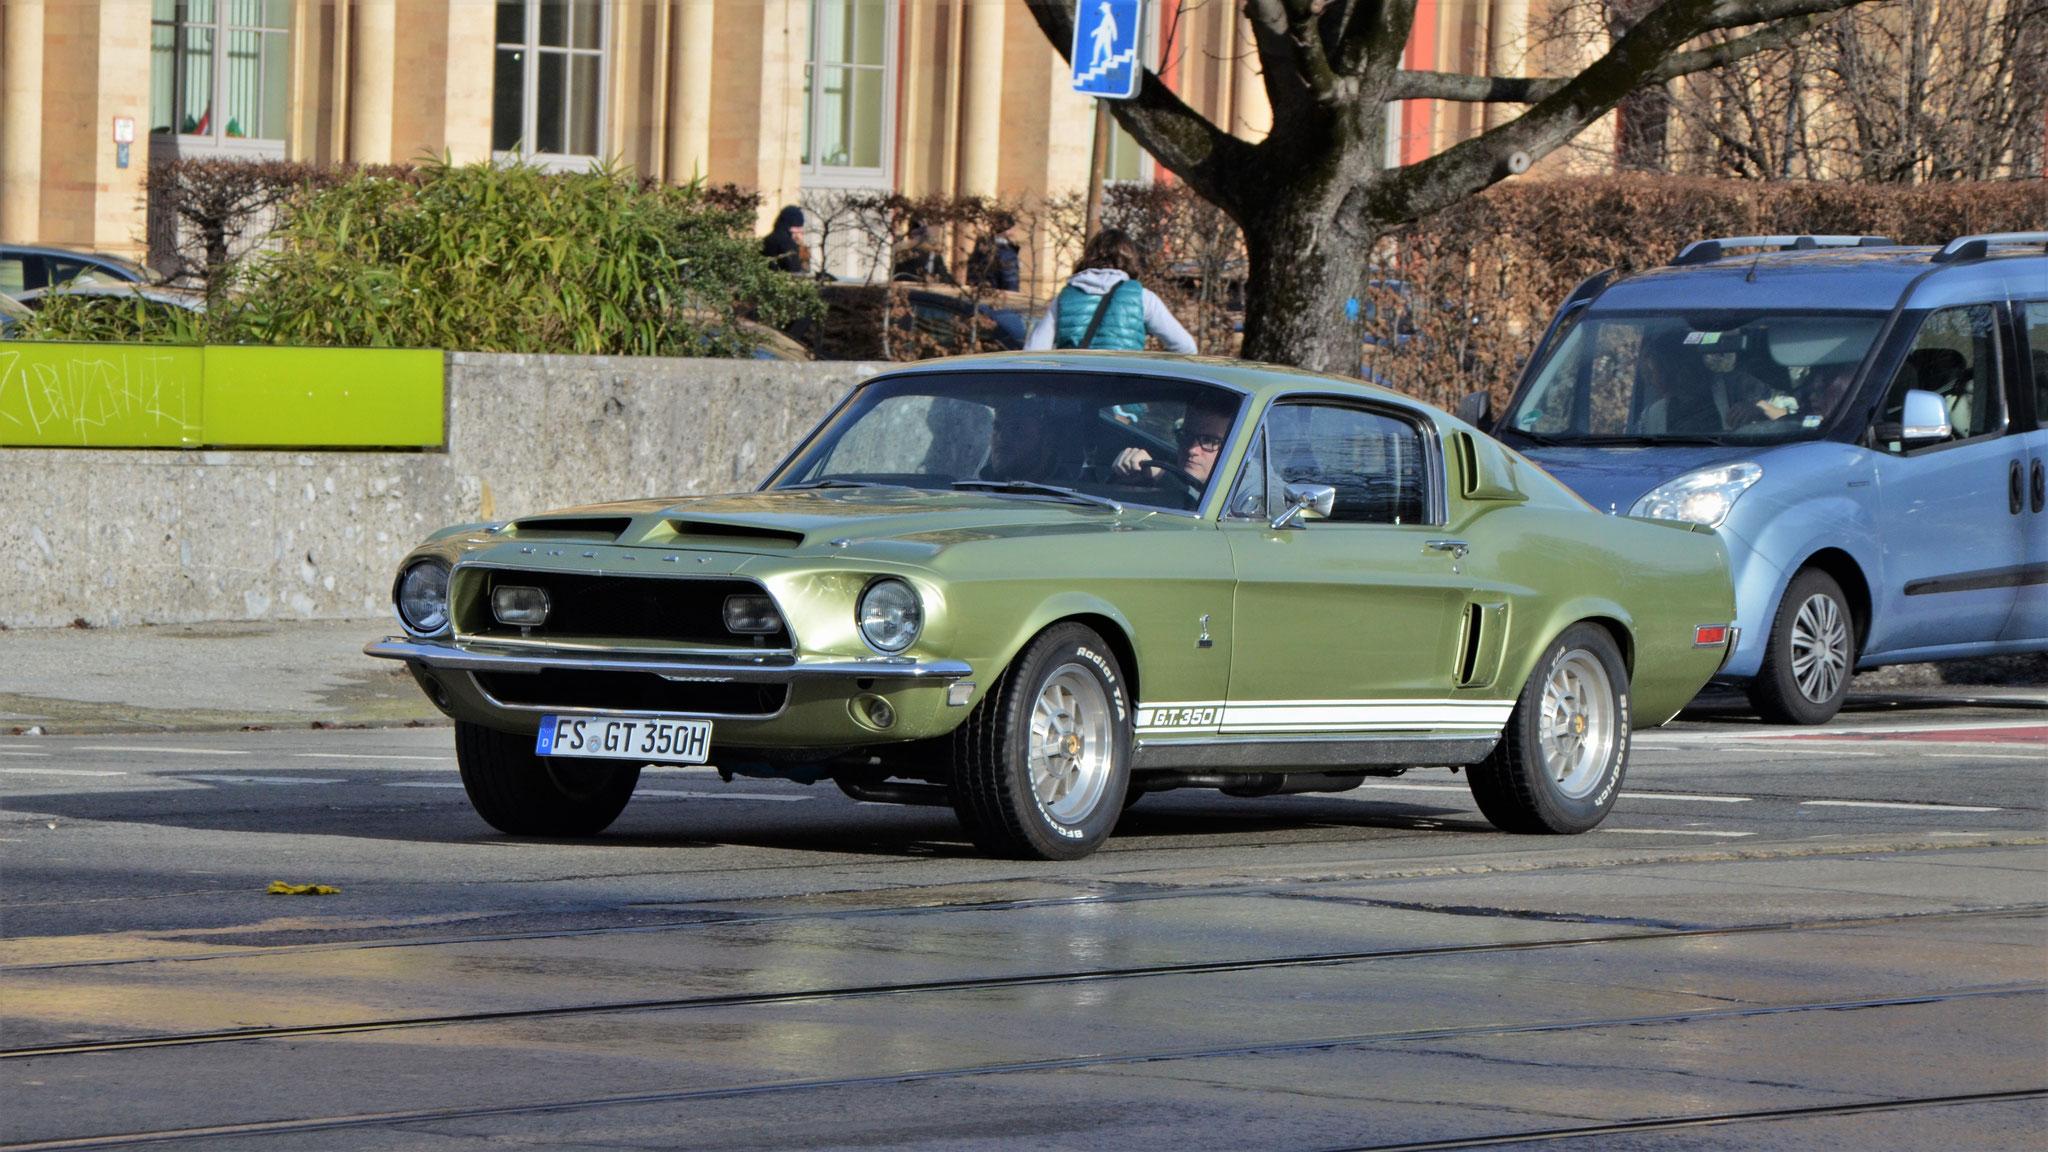 Mustang I GT350 - FS-GT-350H